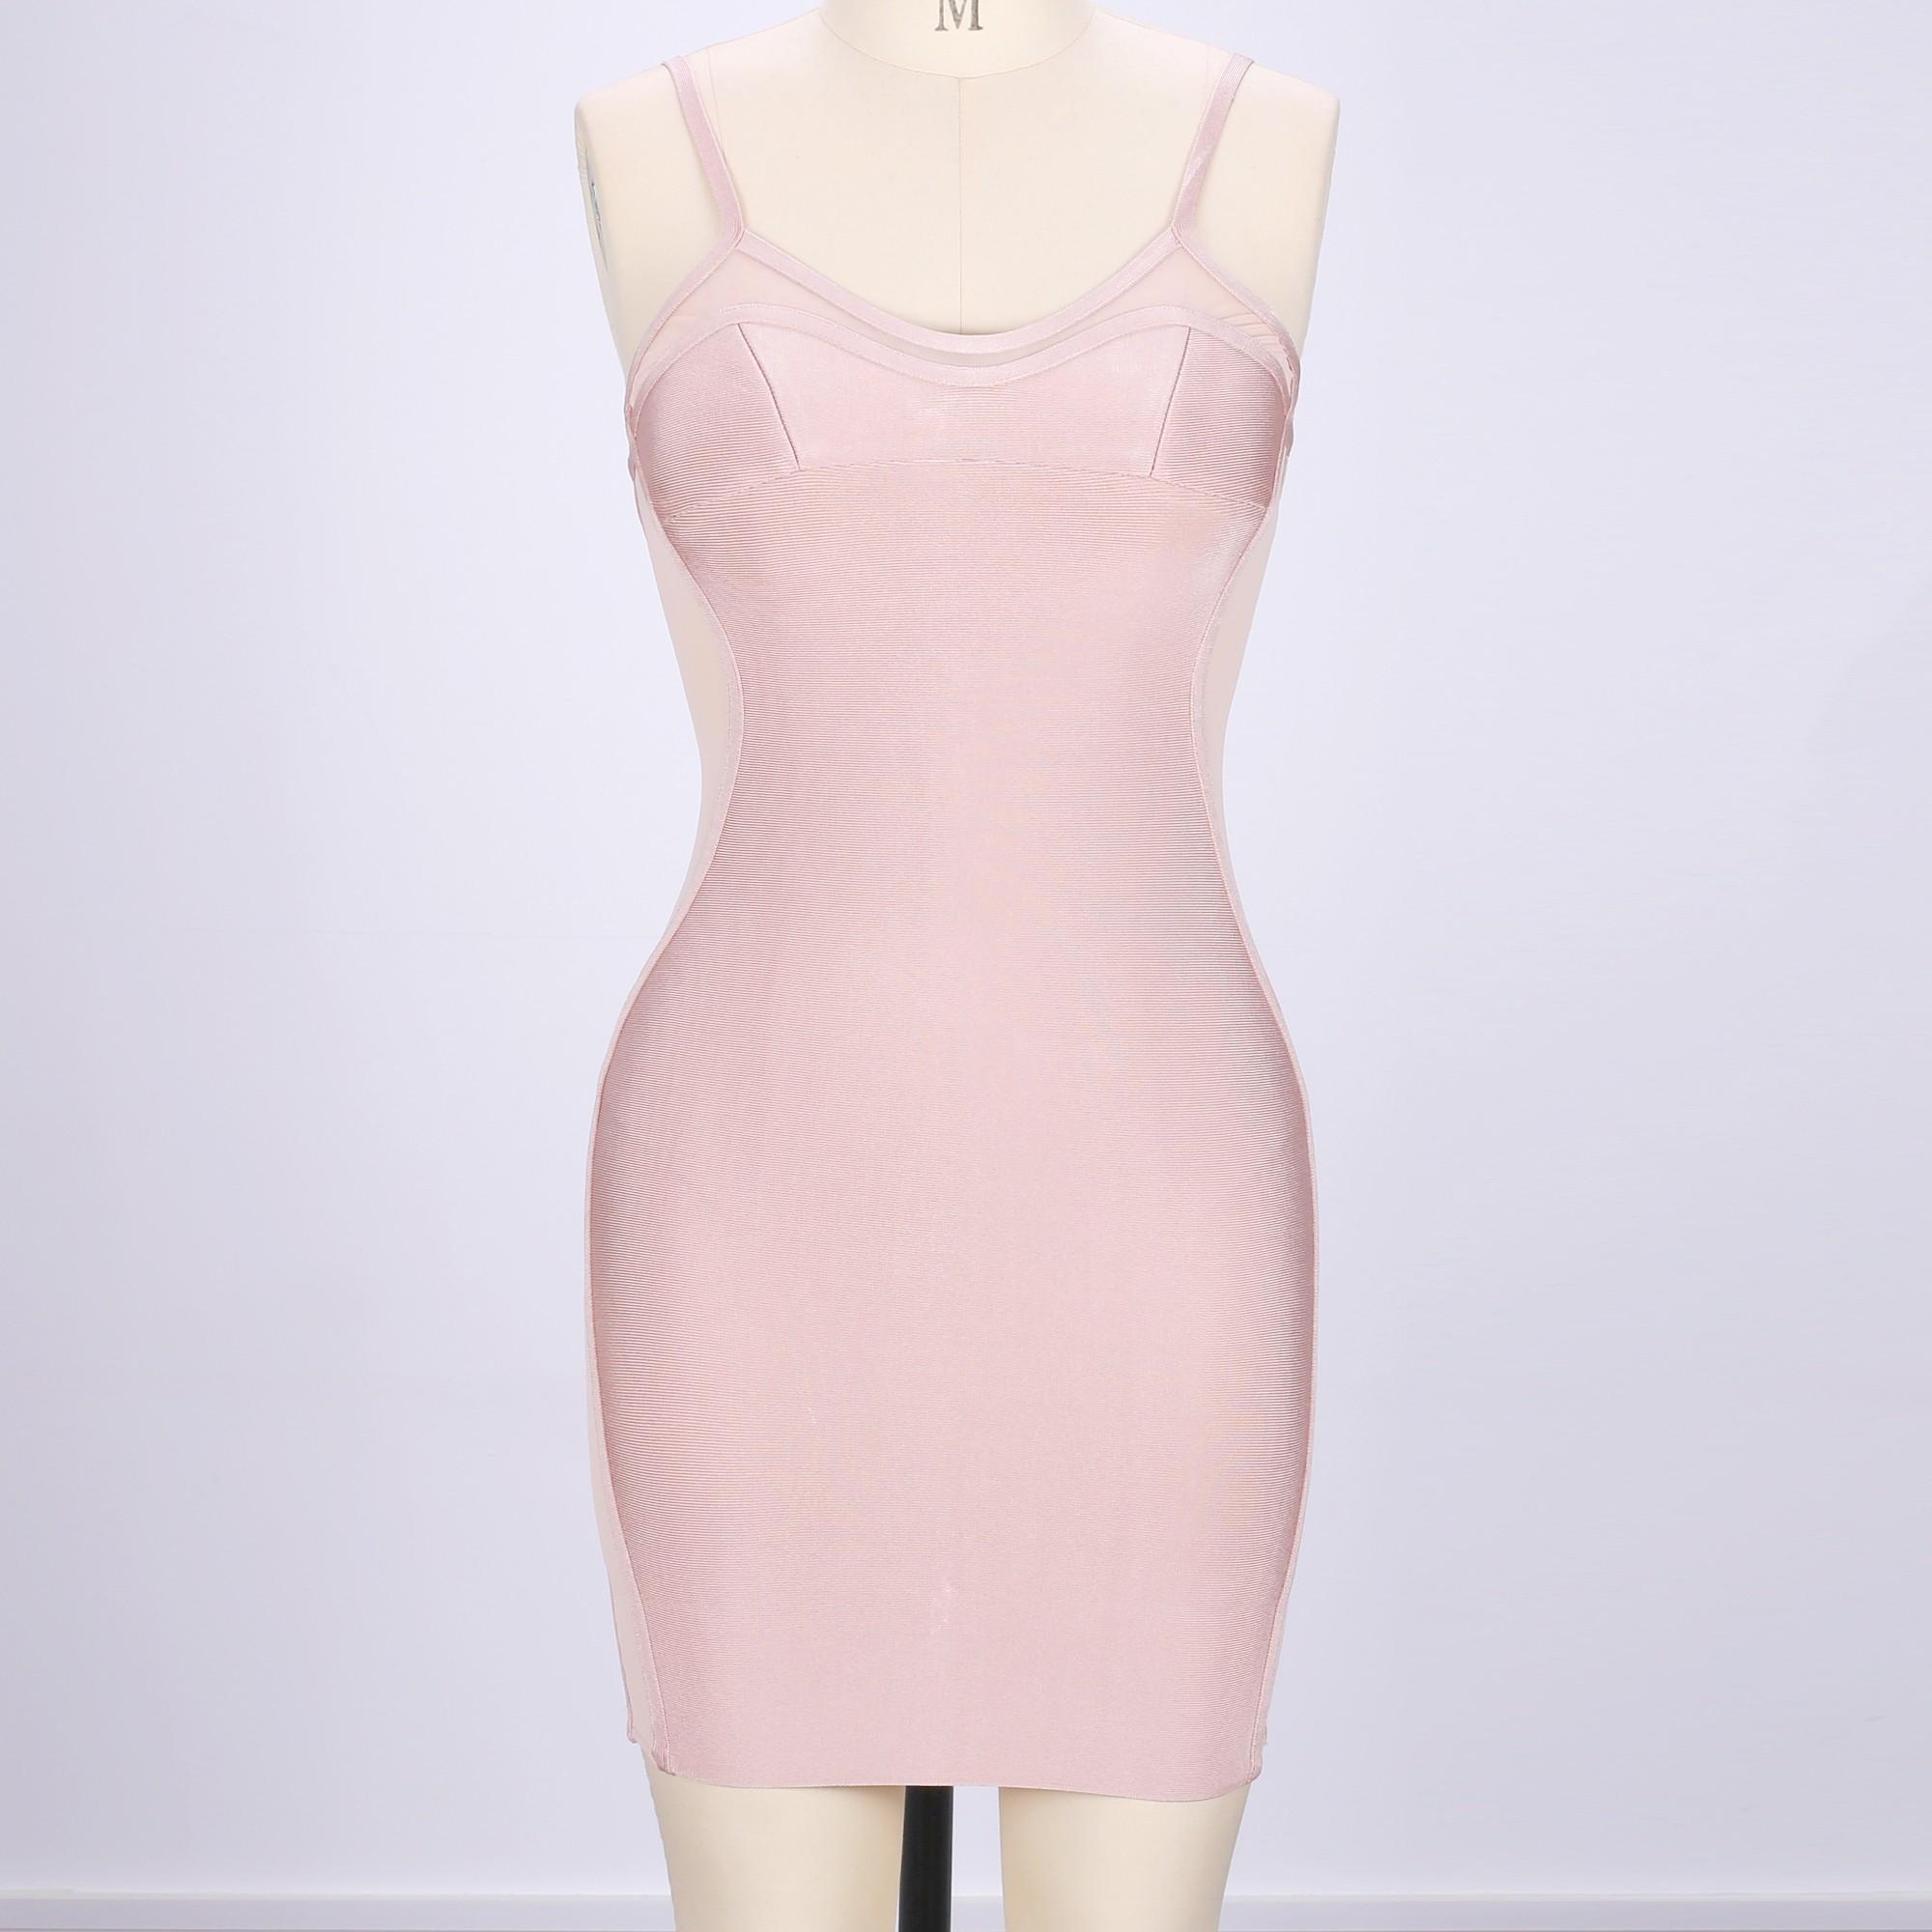 Pink V Neck Sleeveless Over Knee Side-Lucency Shoulder-Straps Party Dress HQ221-Pink